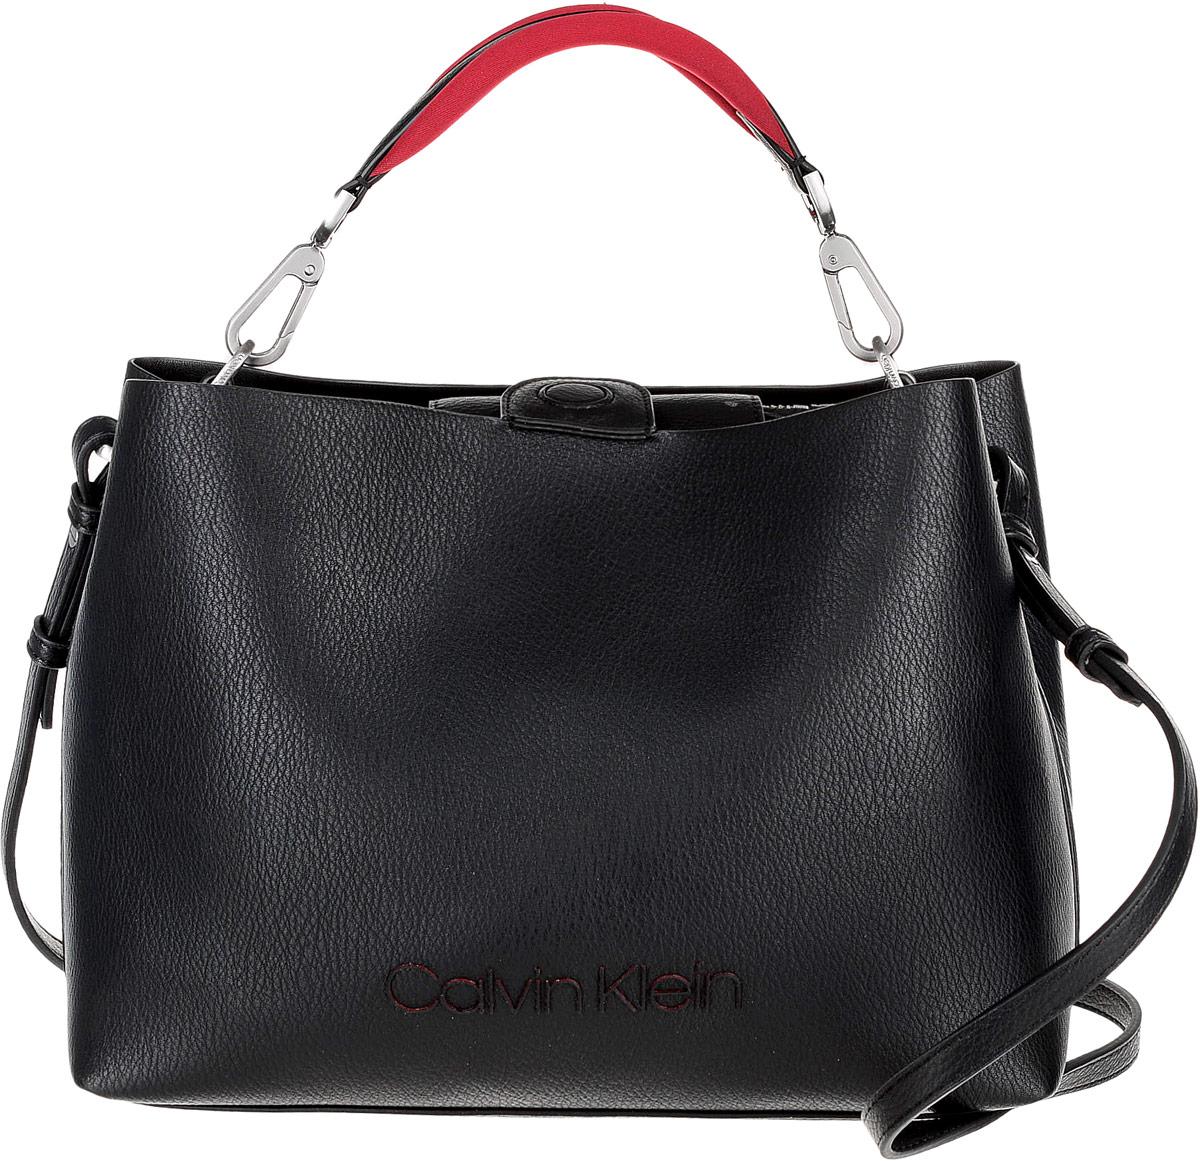 Сумка женская Calvin Klein Jeans, цвет: черный. K60K604341/001 цены онлайн